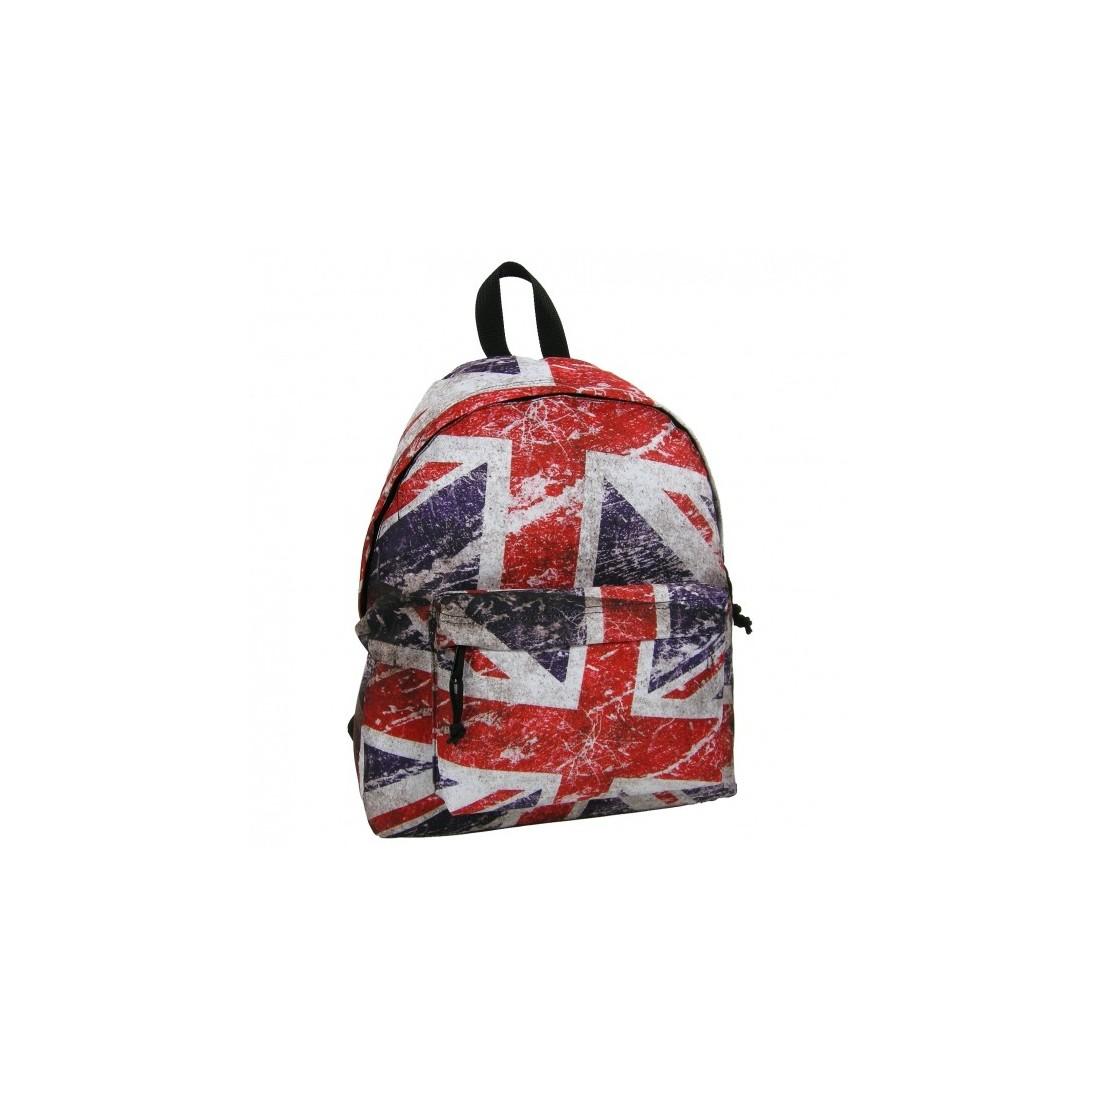 Plecak młodzieżowy Fullprint British - plecak-tornister.pl